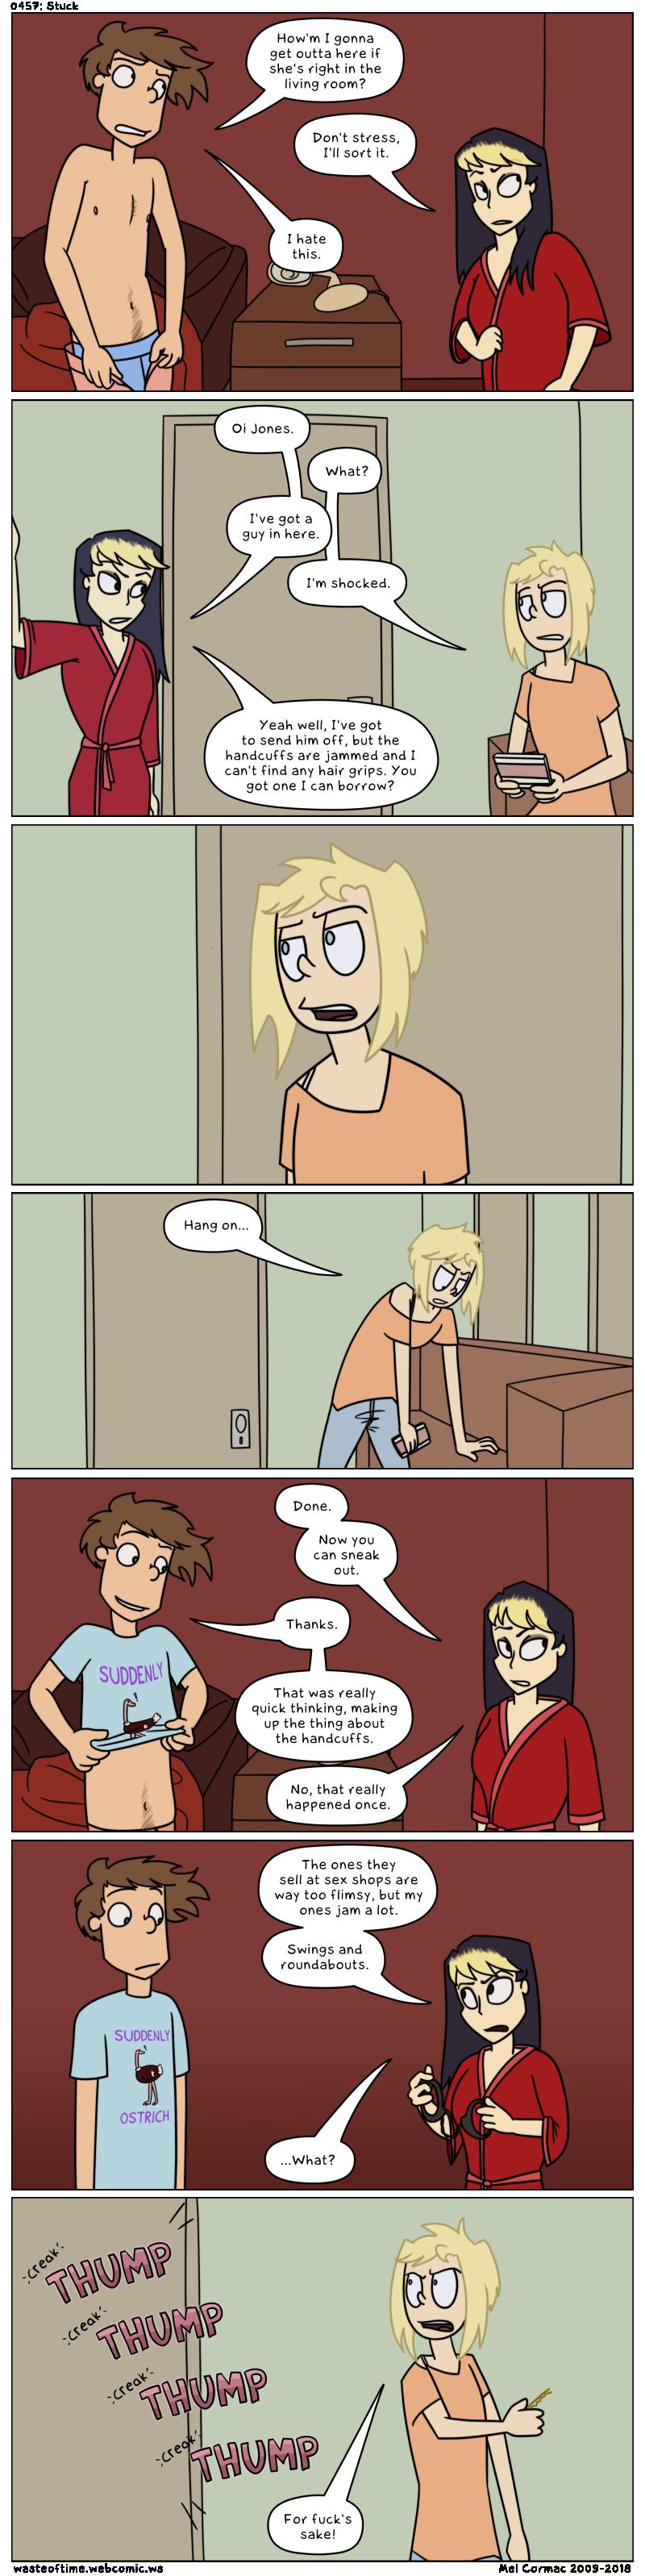 0457: Stuck